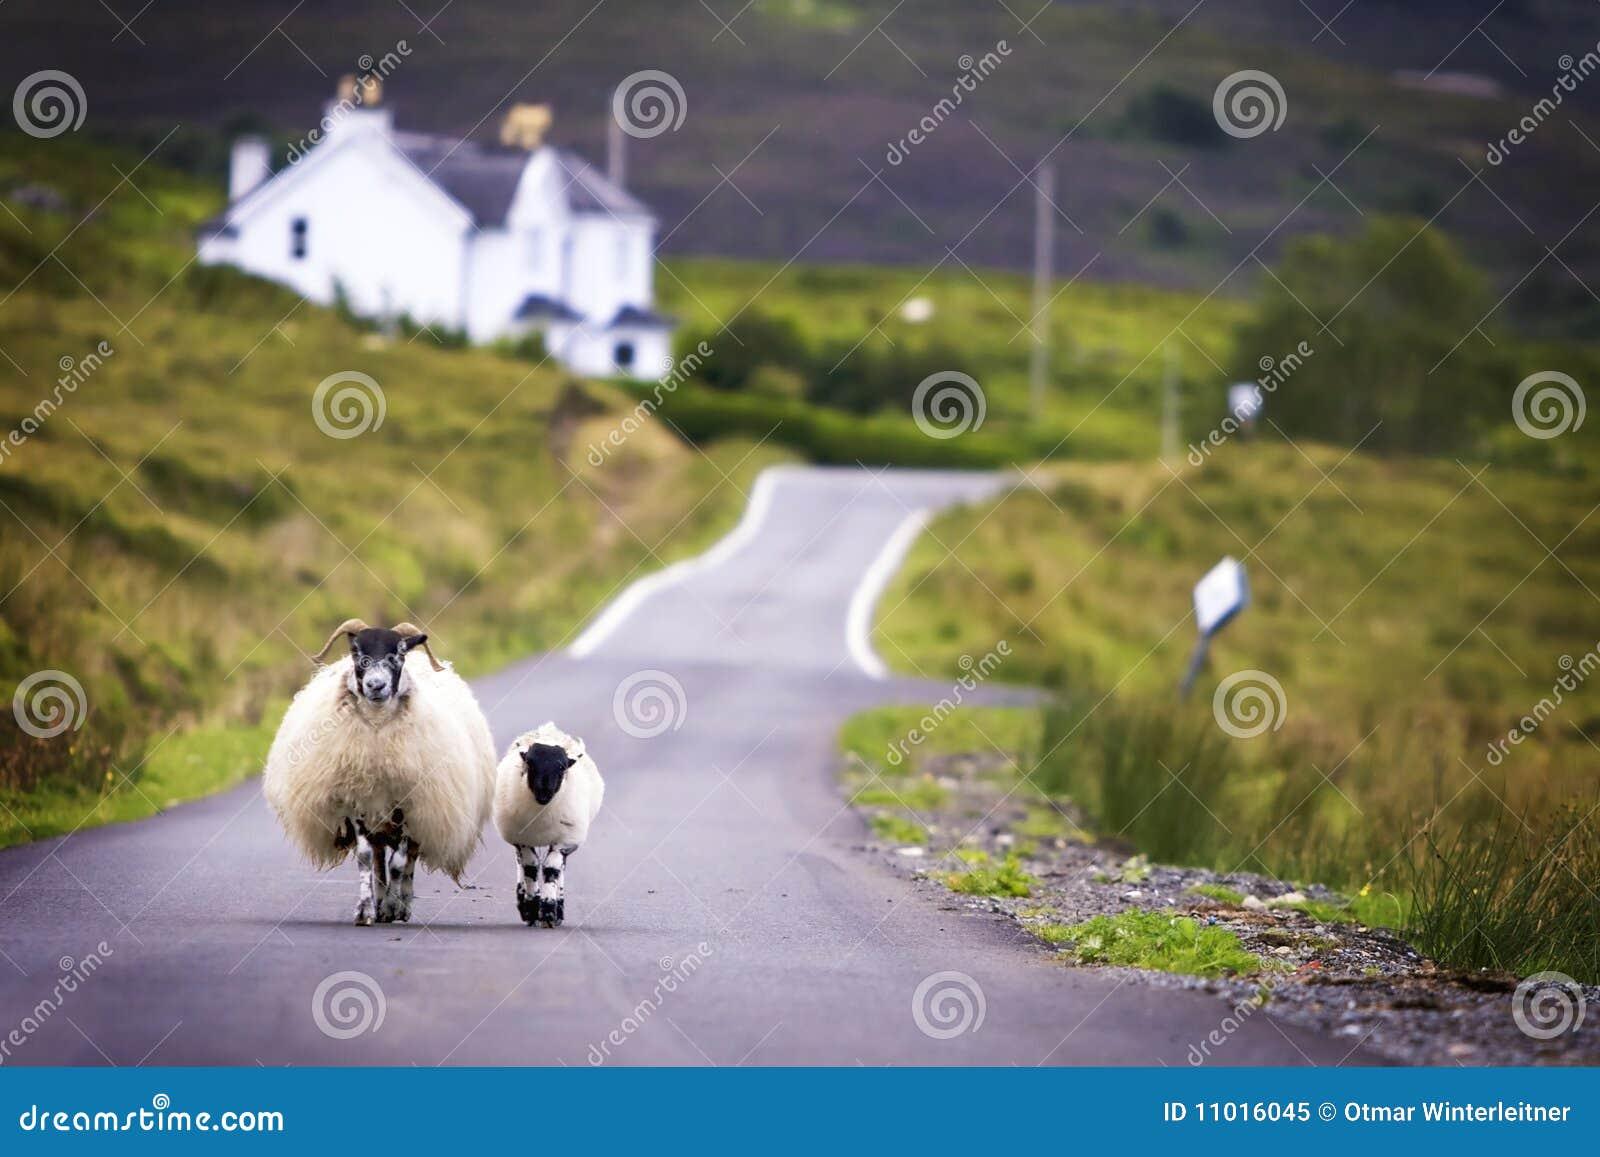 Schafgehen